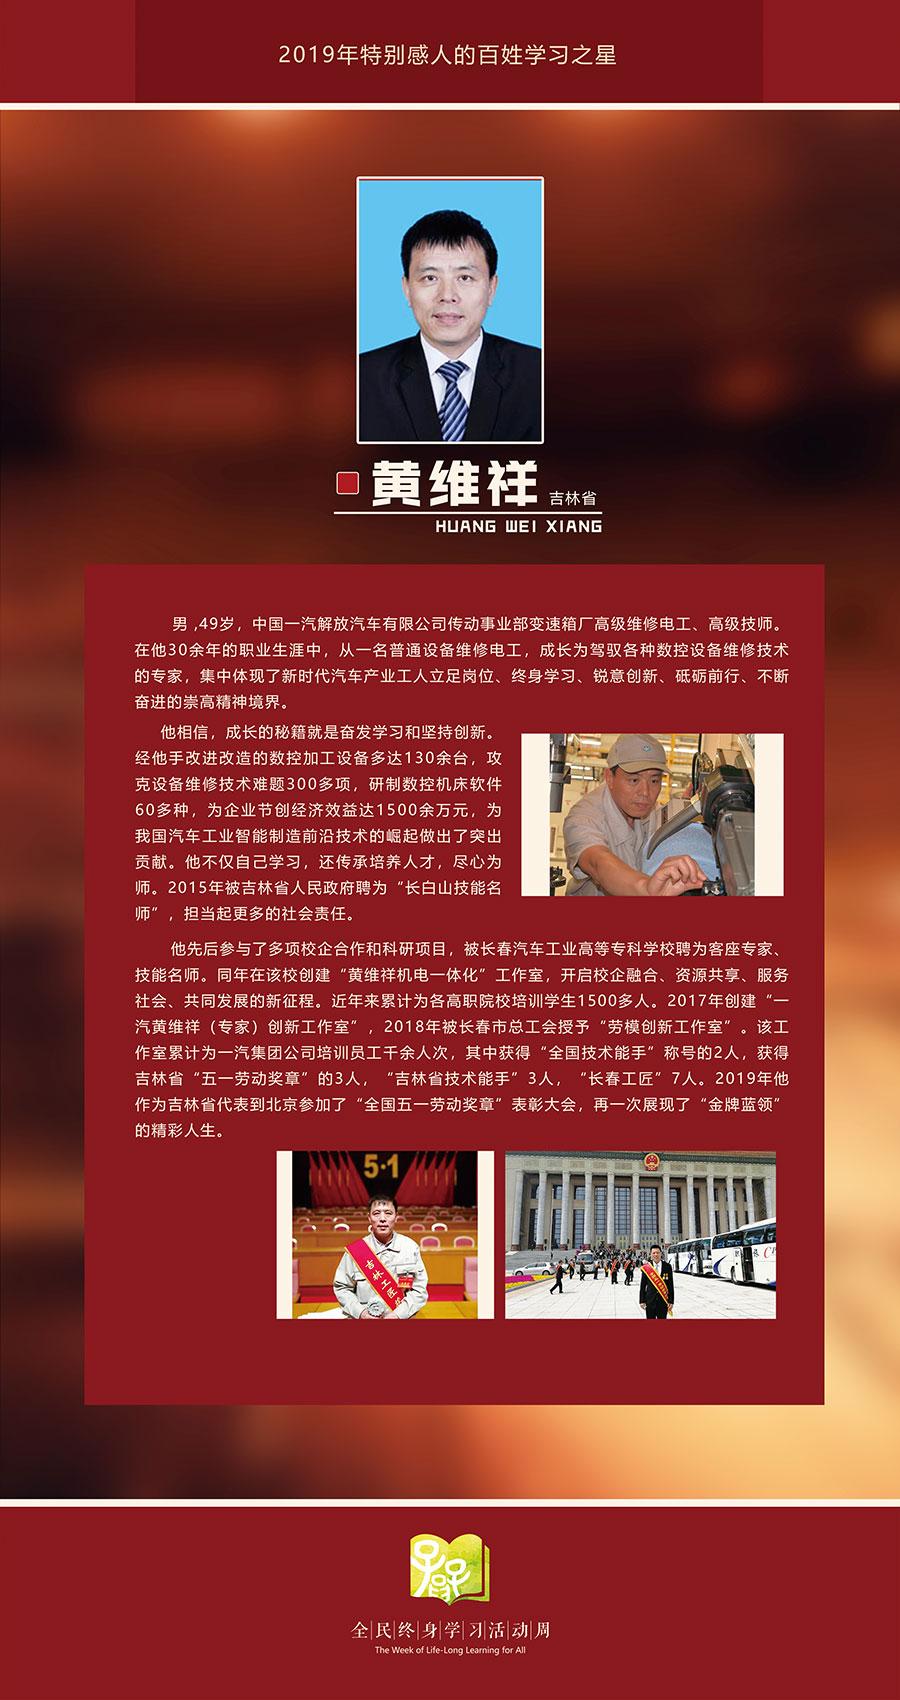 黄维祥-117-62